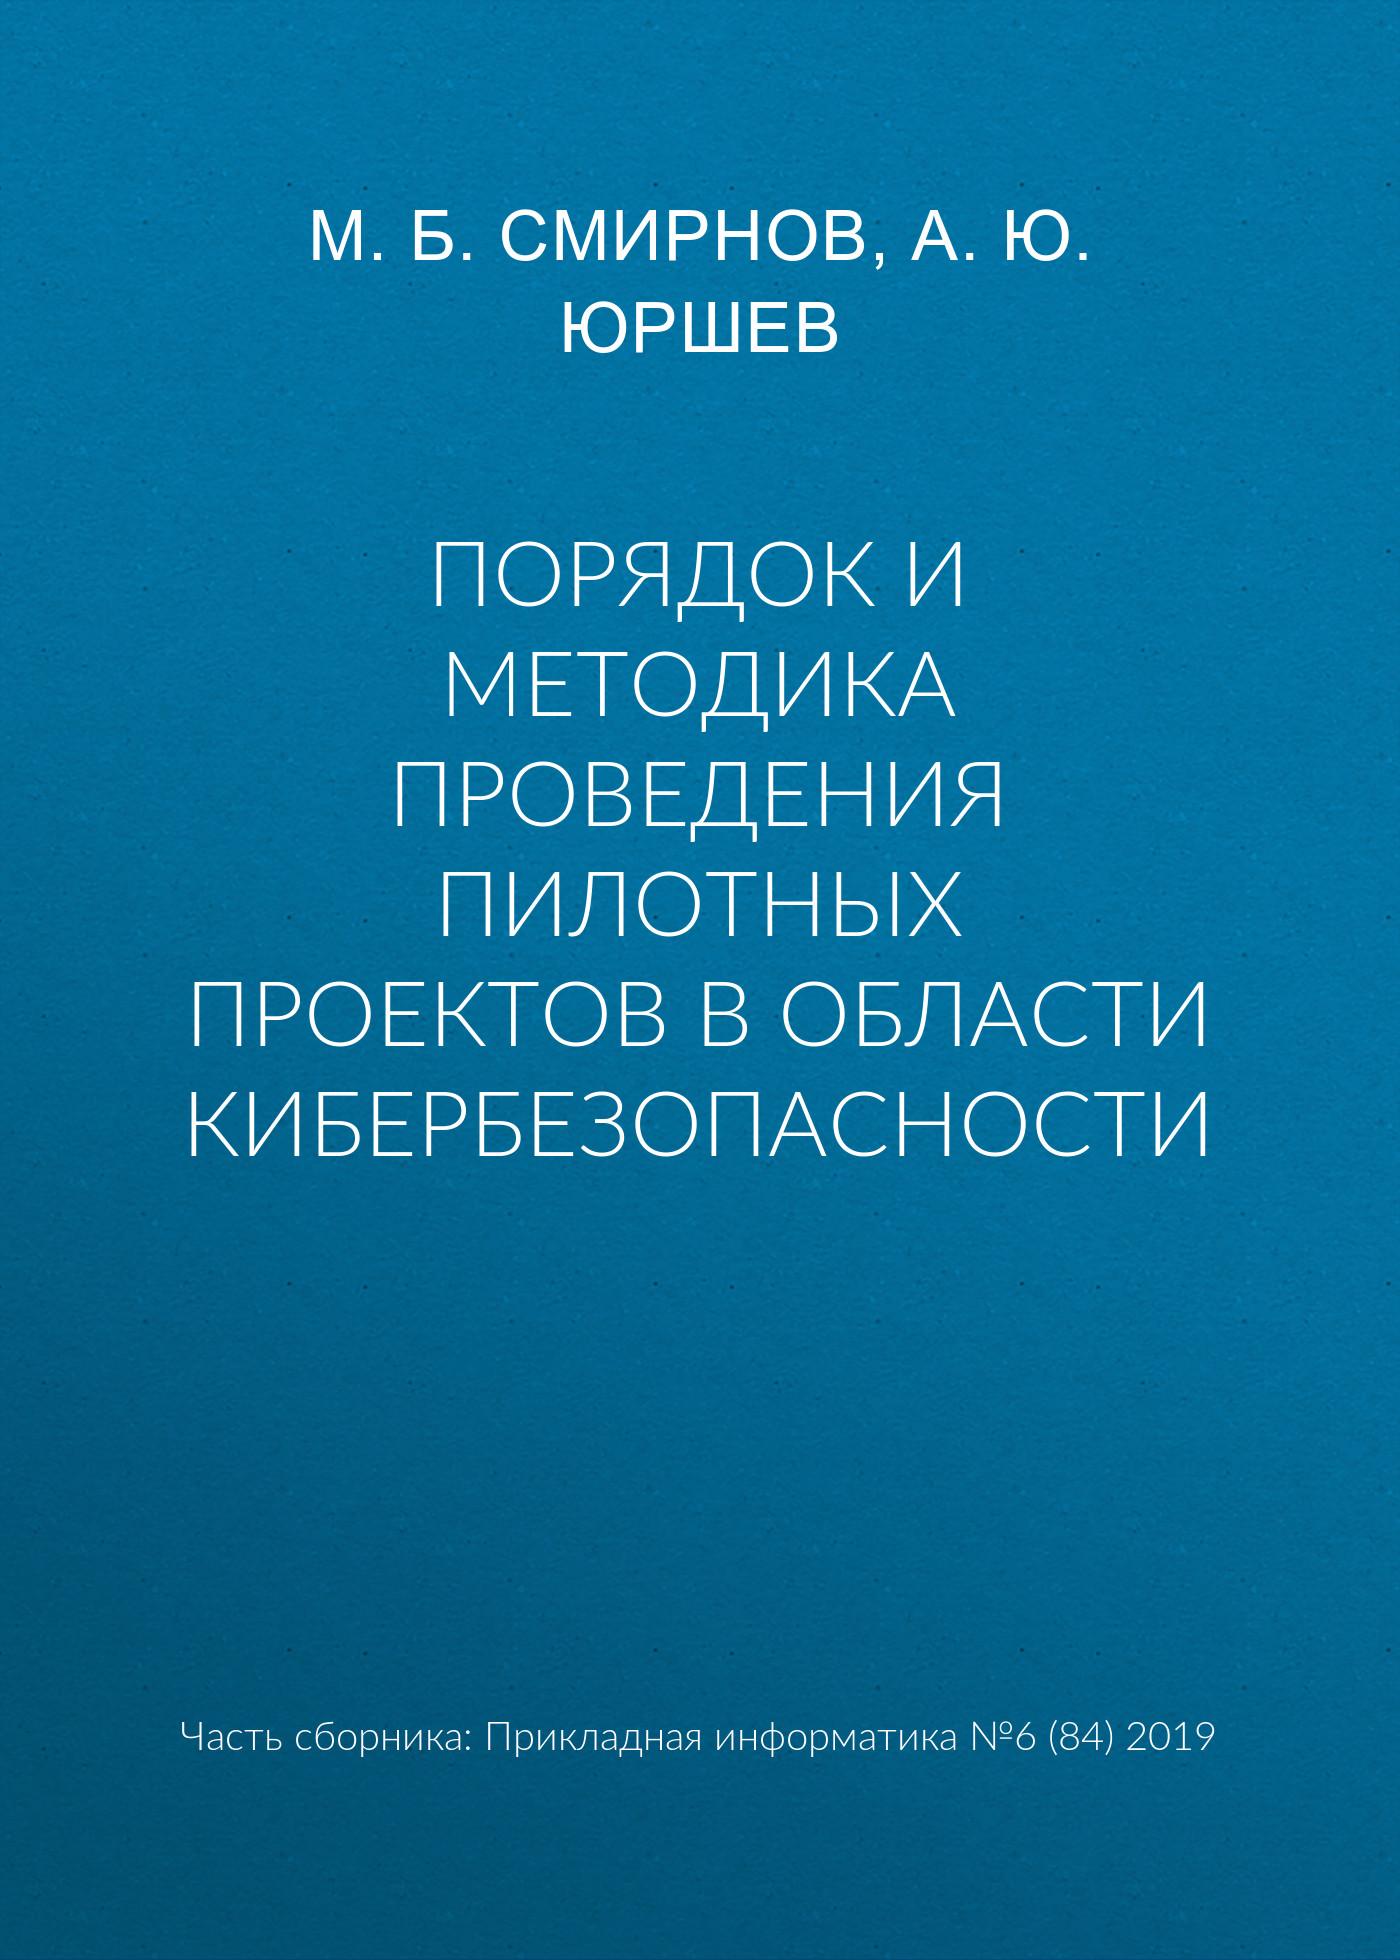 Купить книгу Порядок и методика проведения пилотных проектов в области кибербезопасности, автора М. Б. Смирнова